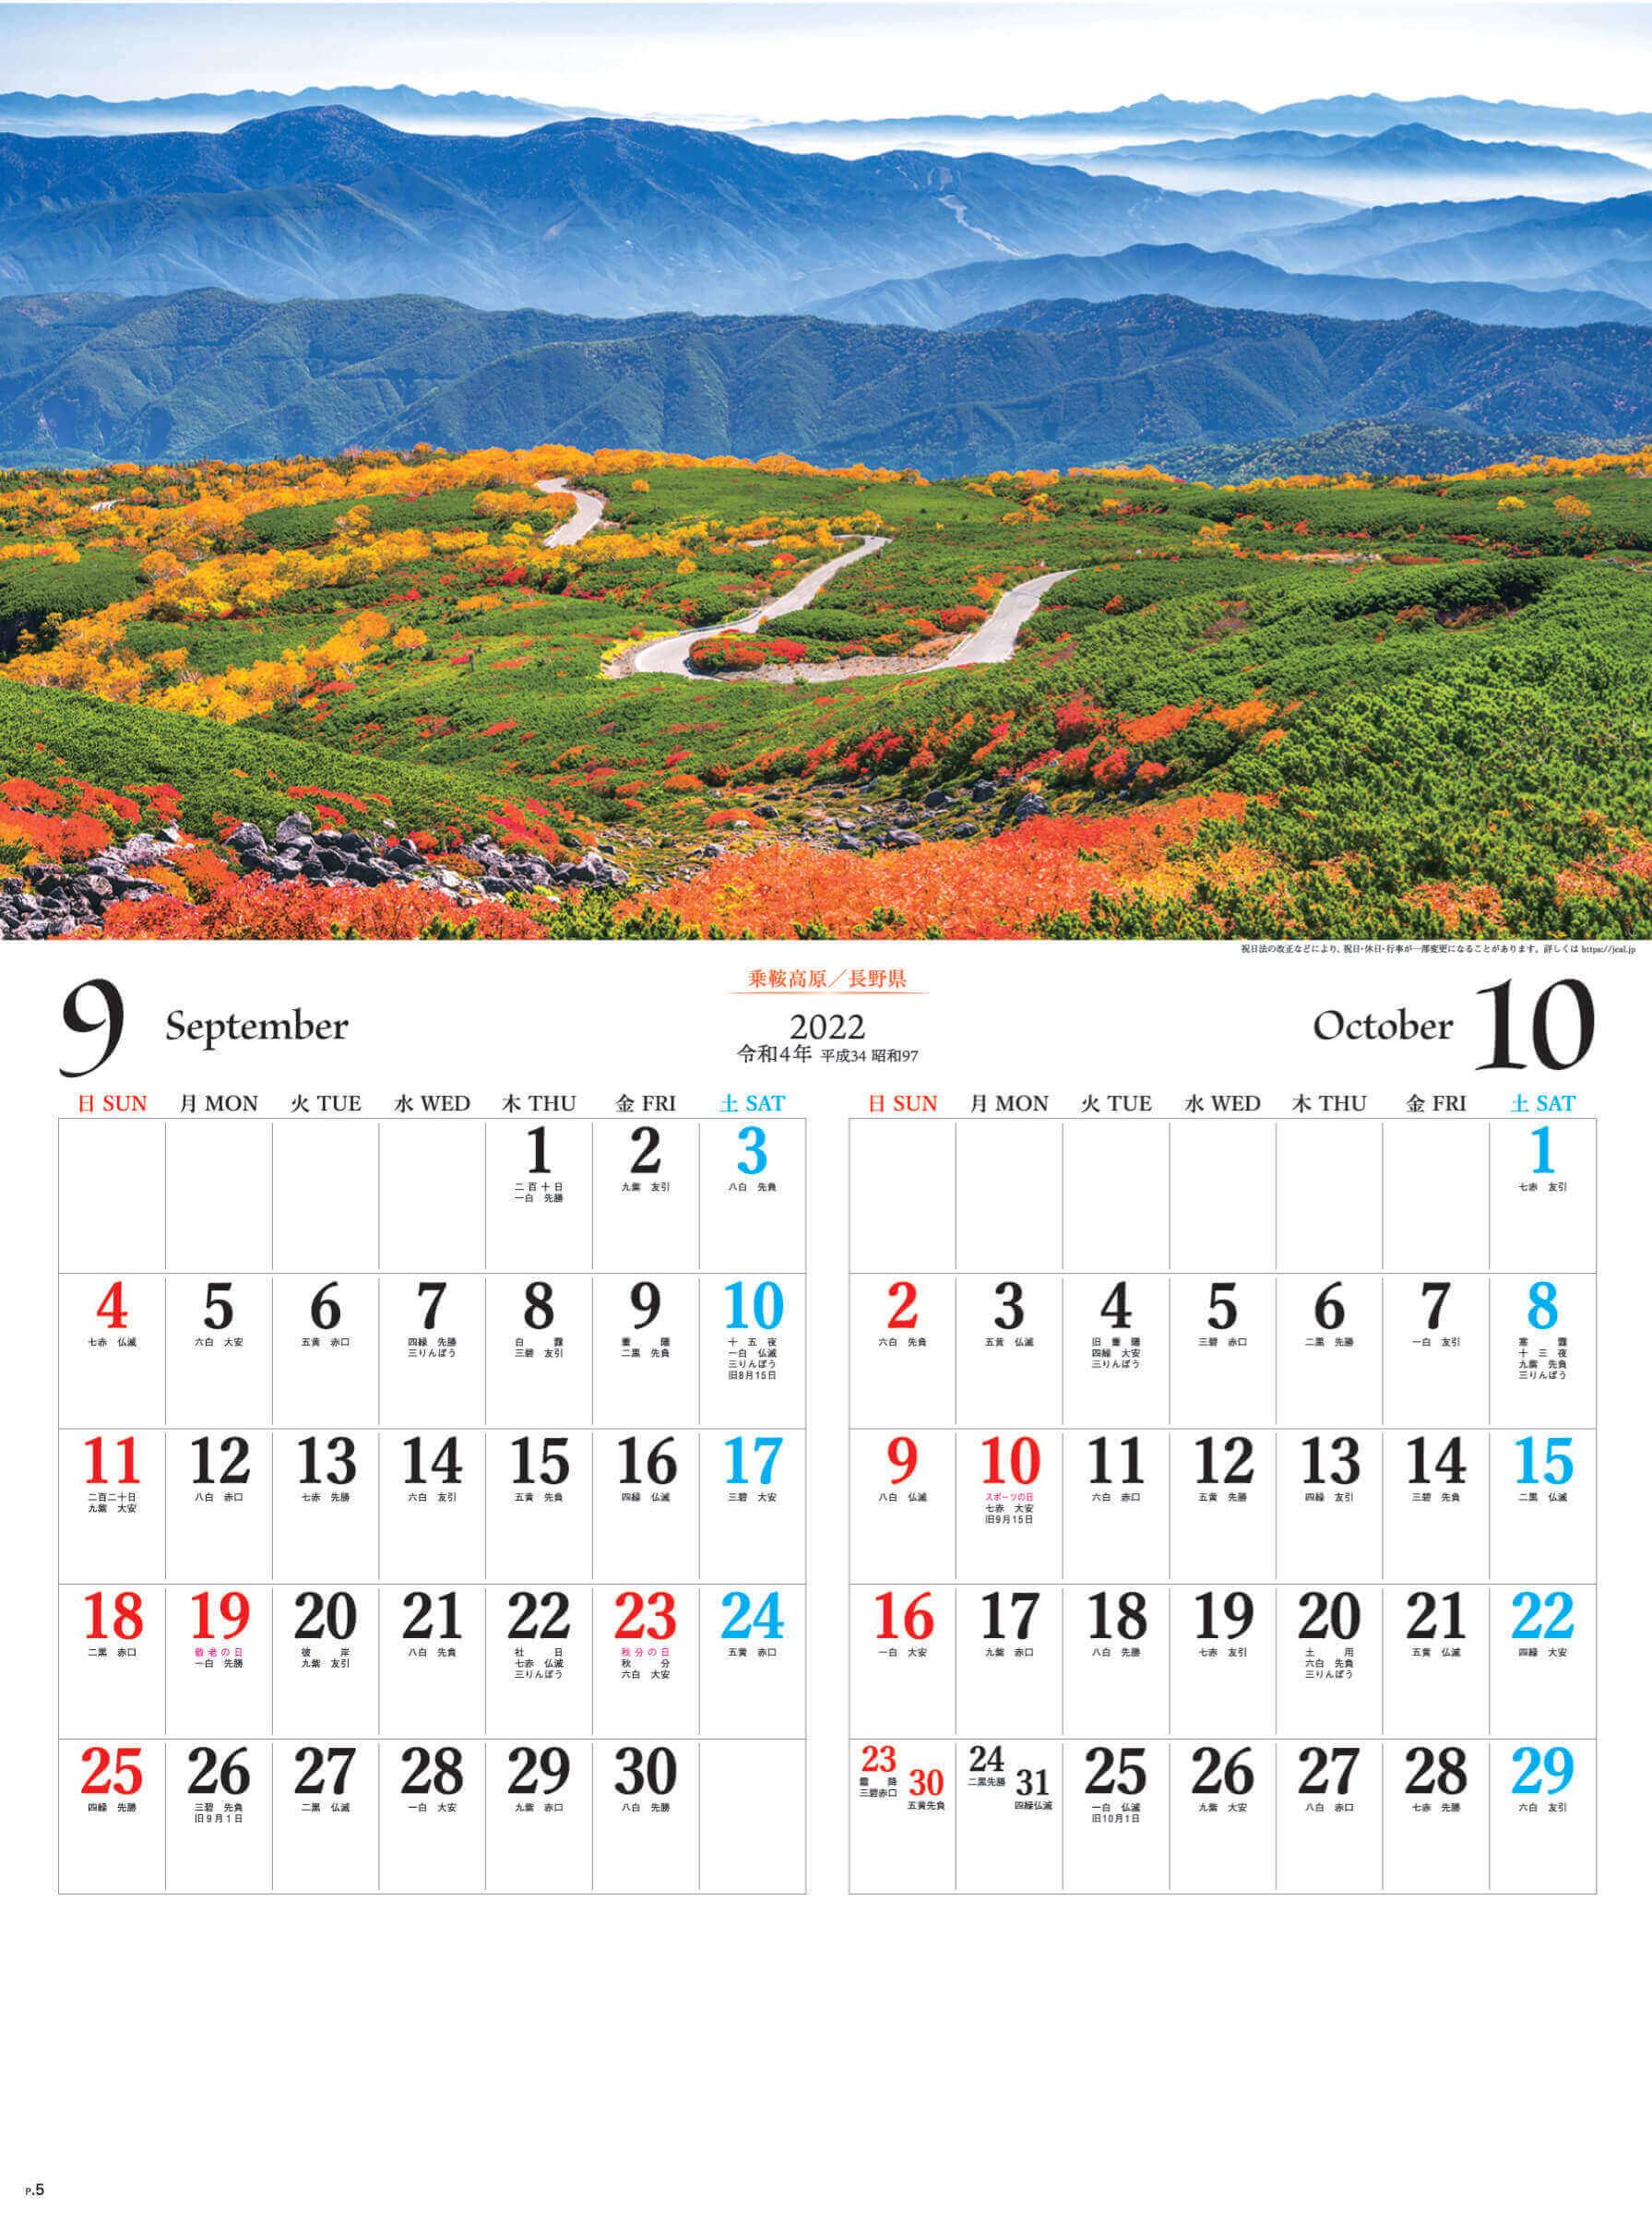 9-10月 乗鞍高原(長野) 日本六景 2022年カレンダーの画像